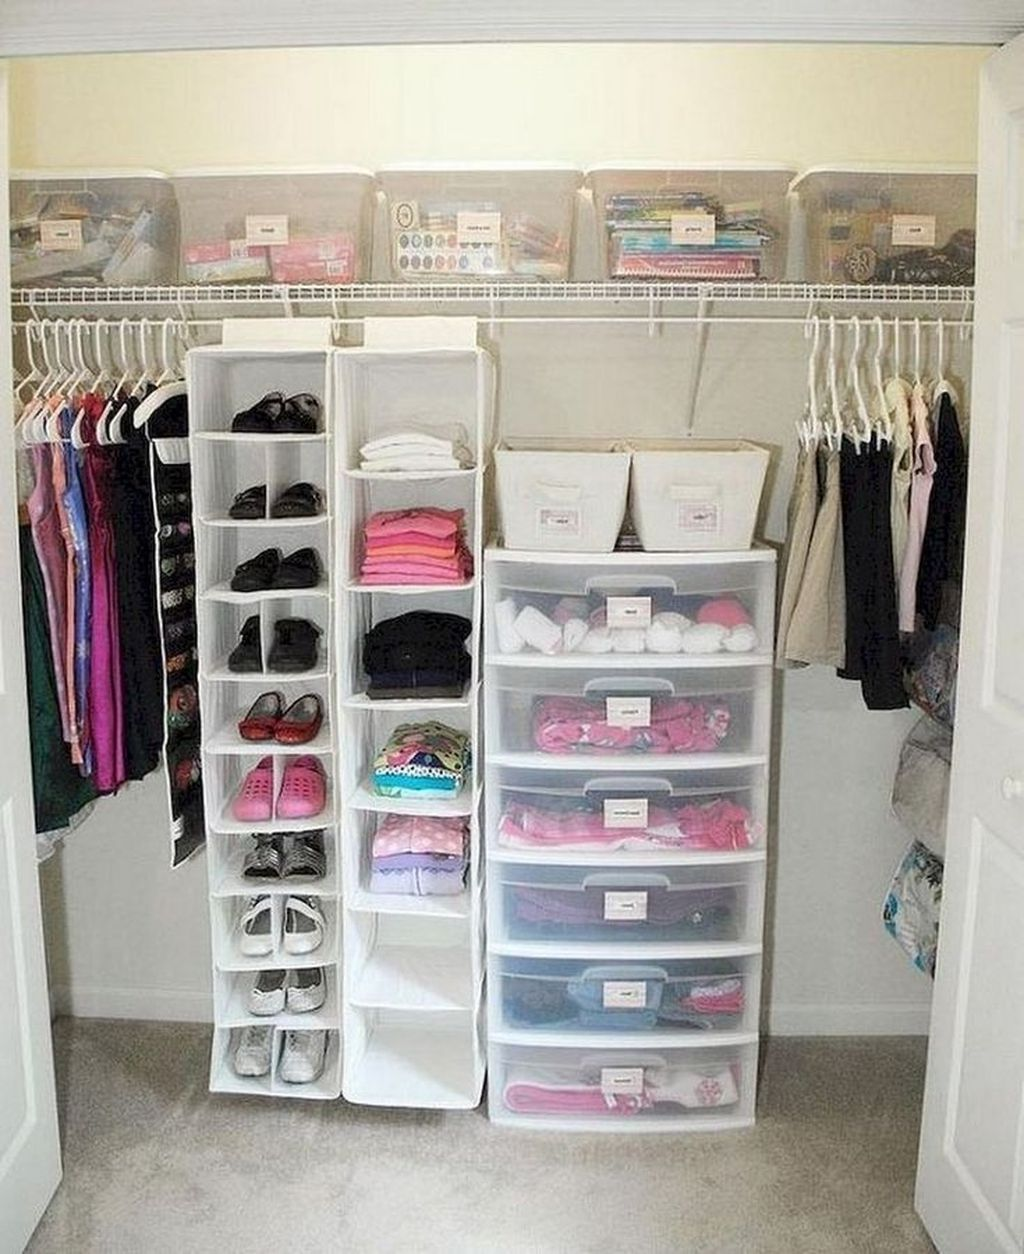 30+ preiswerte Schlafzimmer Organisation Ideen auf einem Etat - #bedroom #budget #ideas #inexpensive #organization -